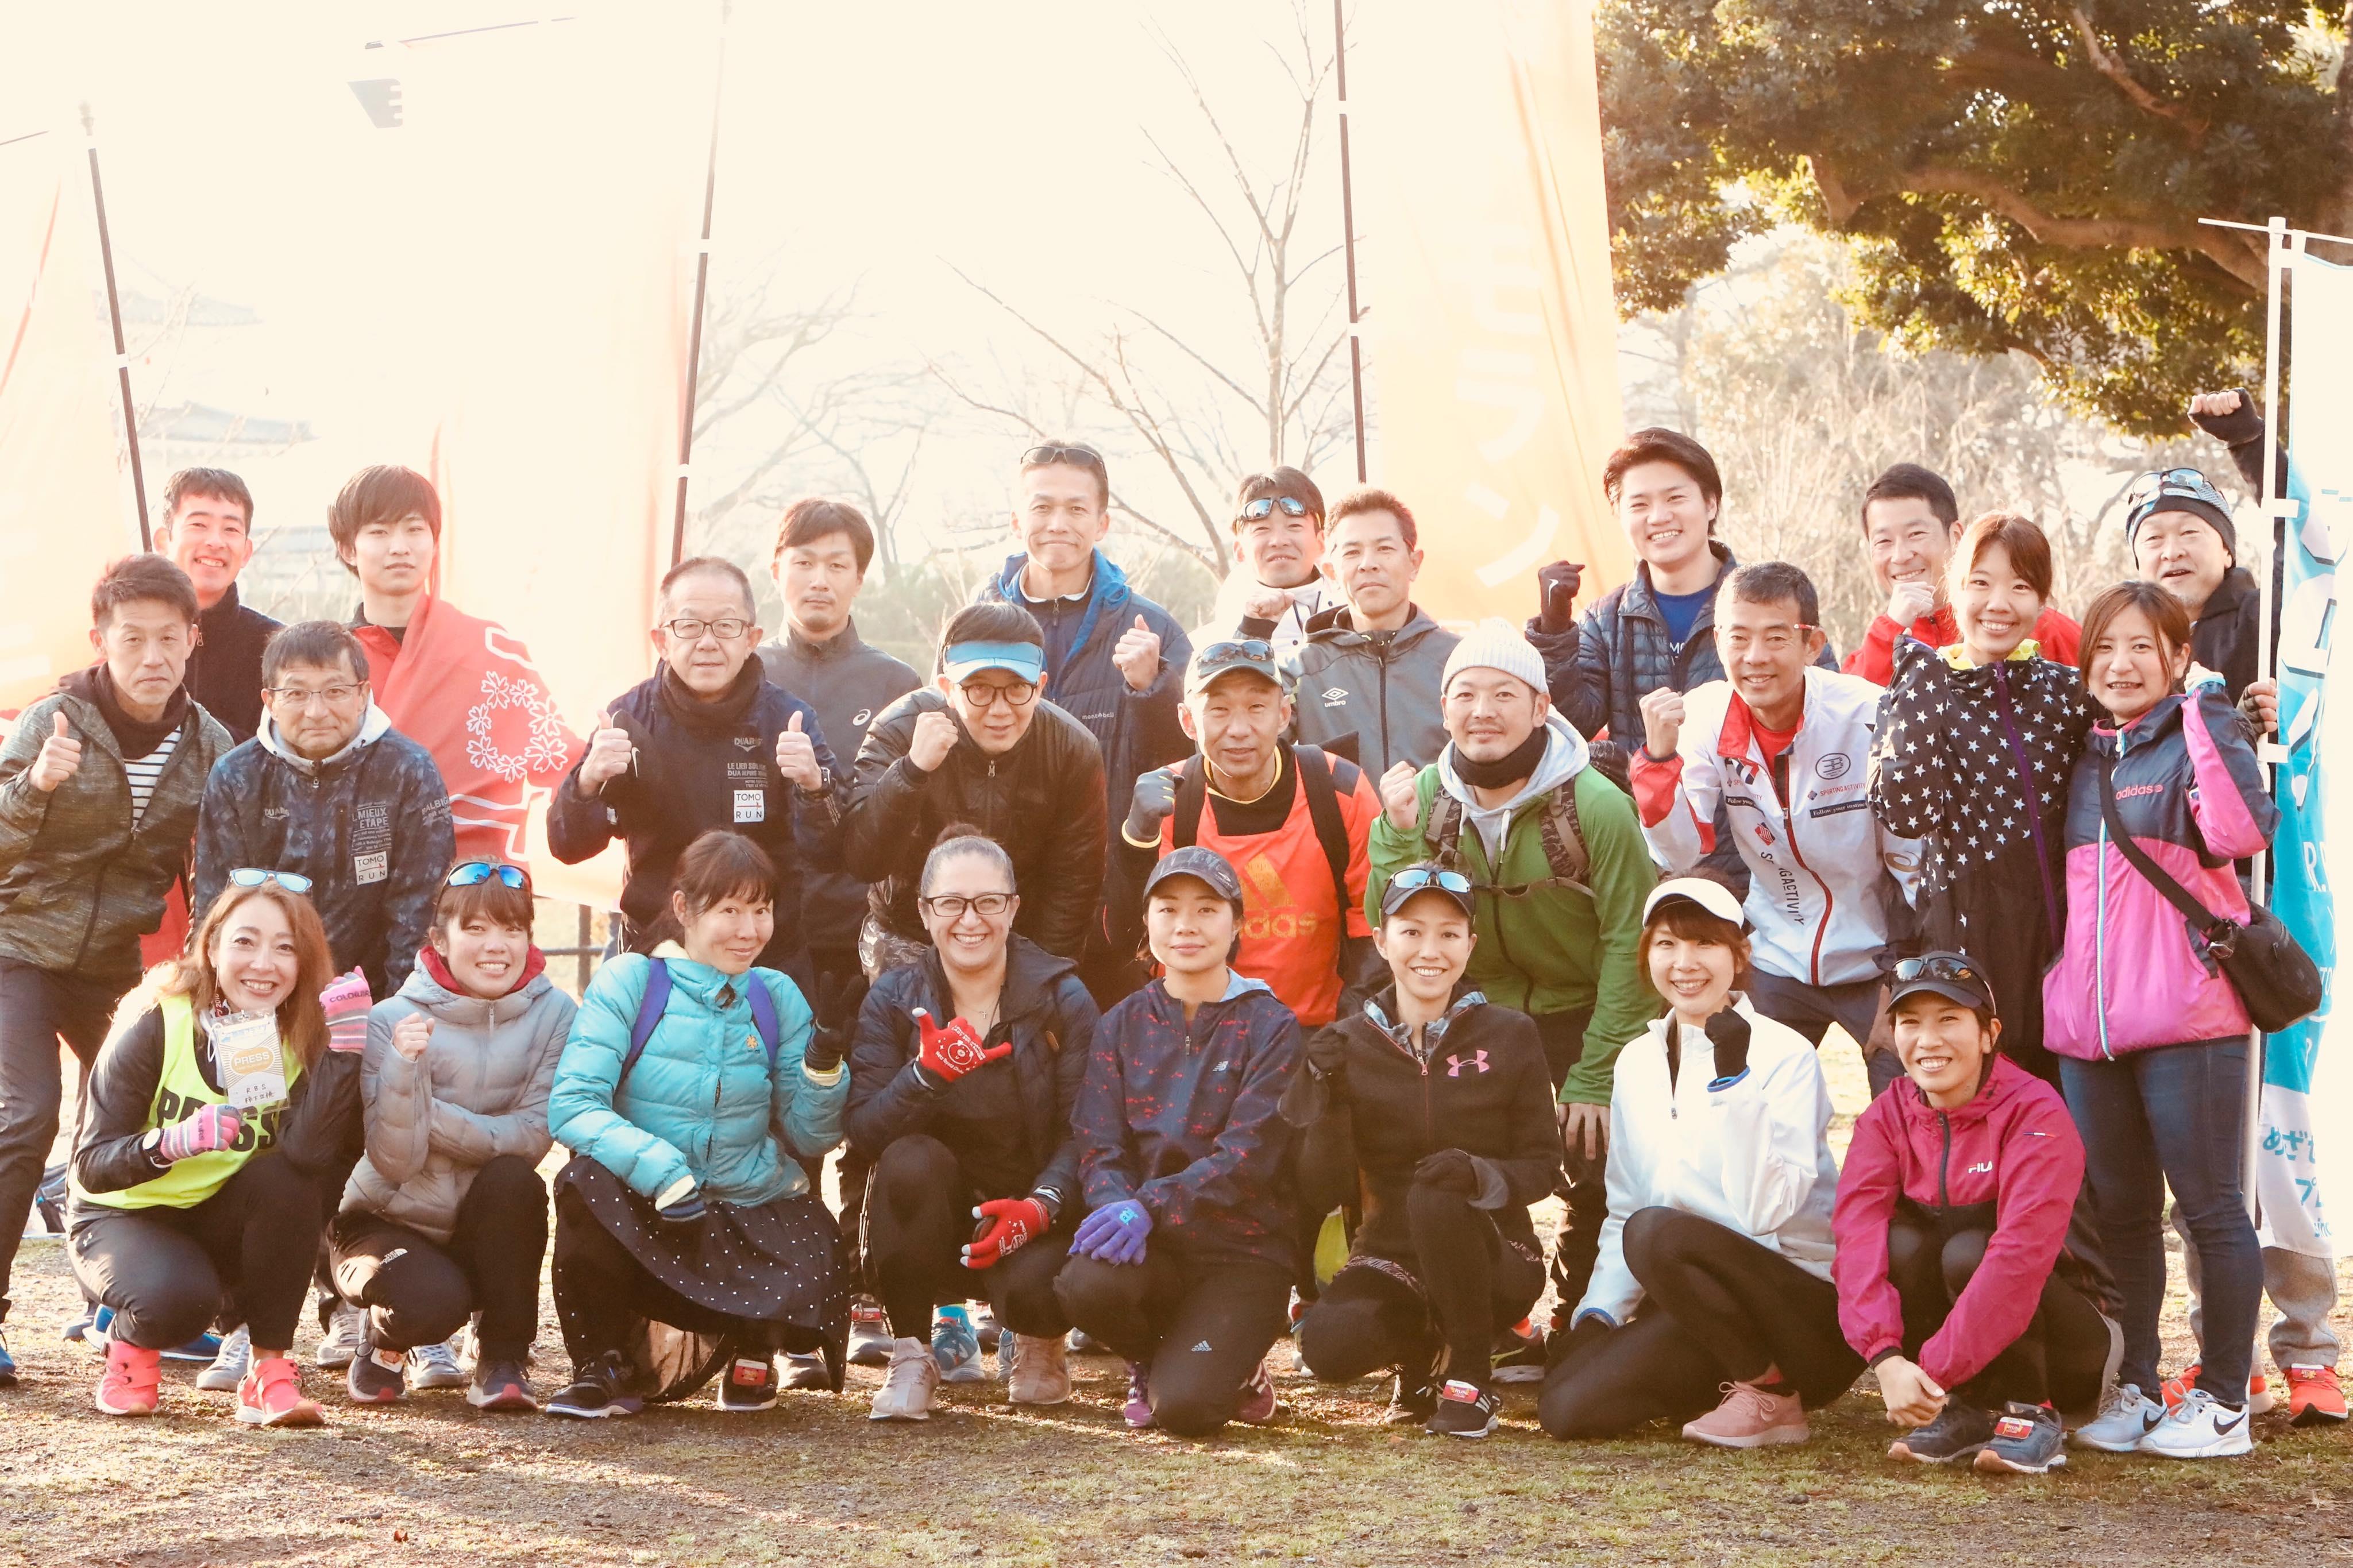 2.24静岡マラソン2019 <br>めざ静!ランナーズスナップ